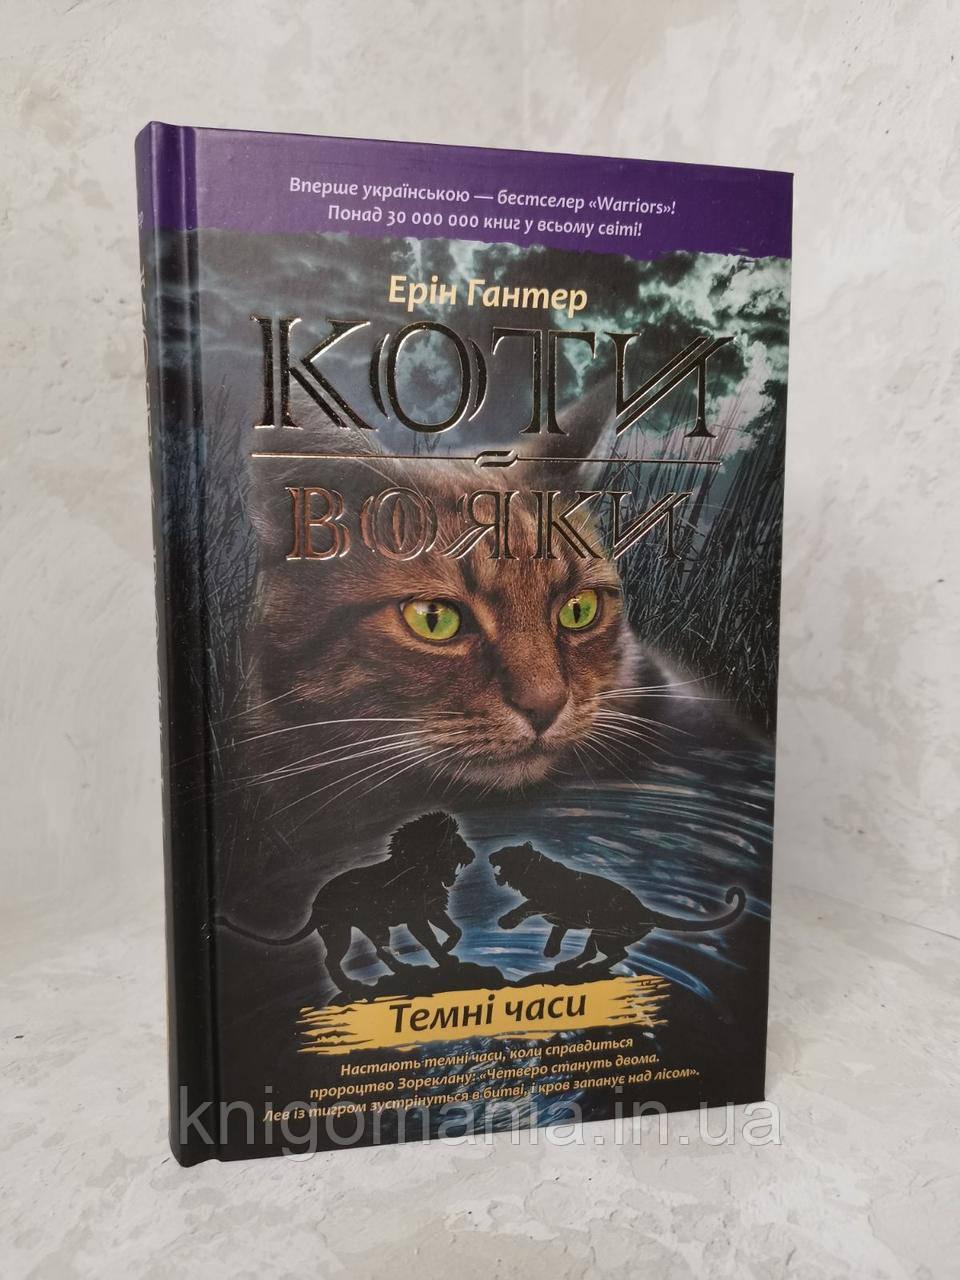 """Книга """"Коти-вояки. Ліс таемниць"""" Книга 3. Ерін Гантер"""